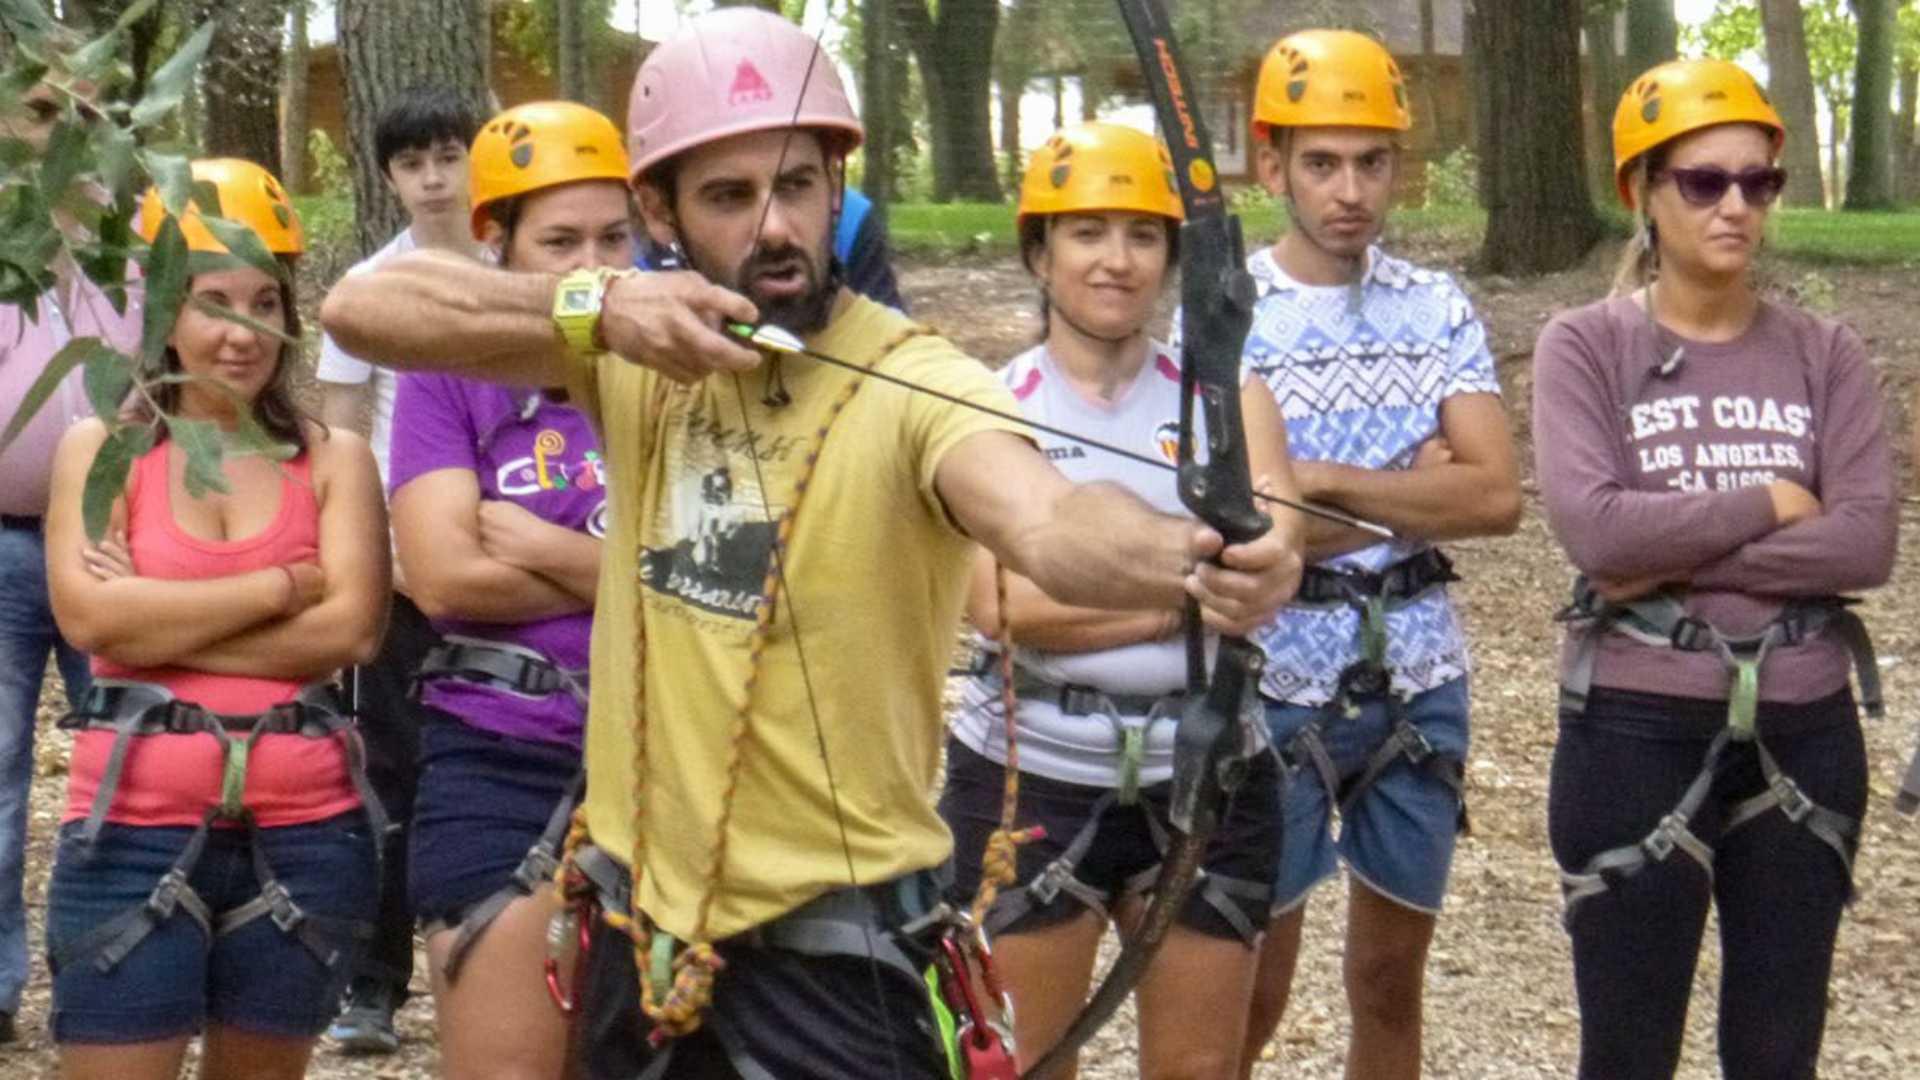 Multi-Abenteuer in Picassent